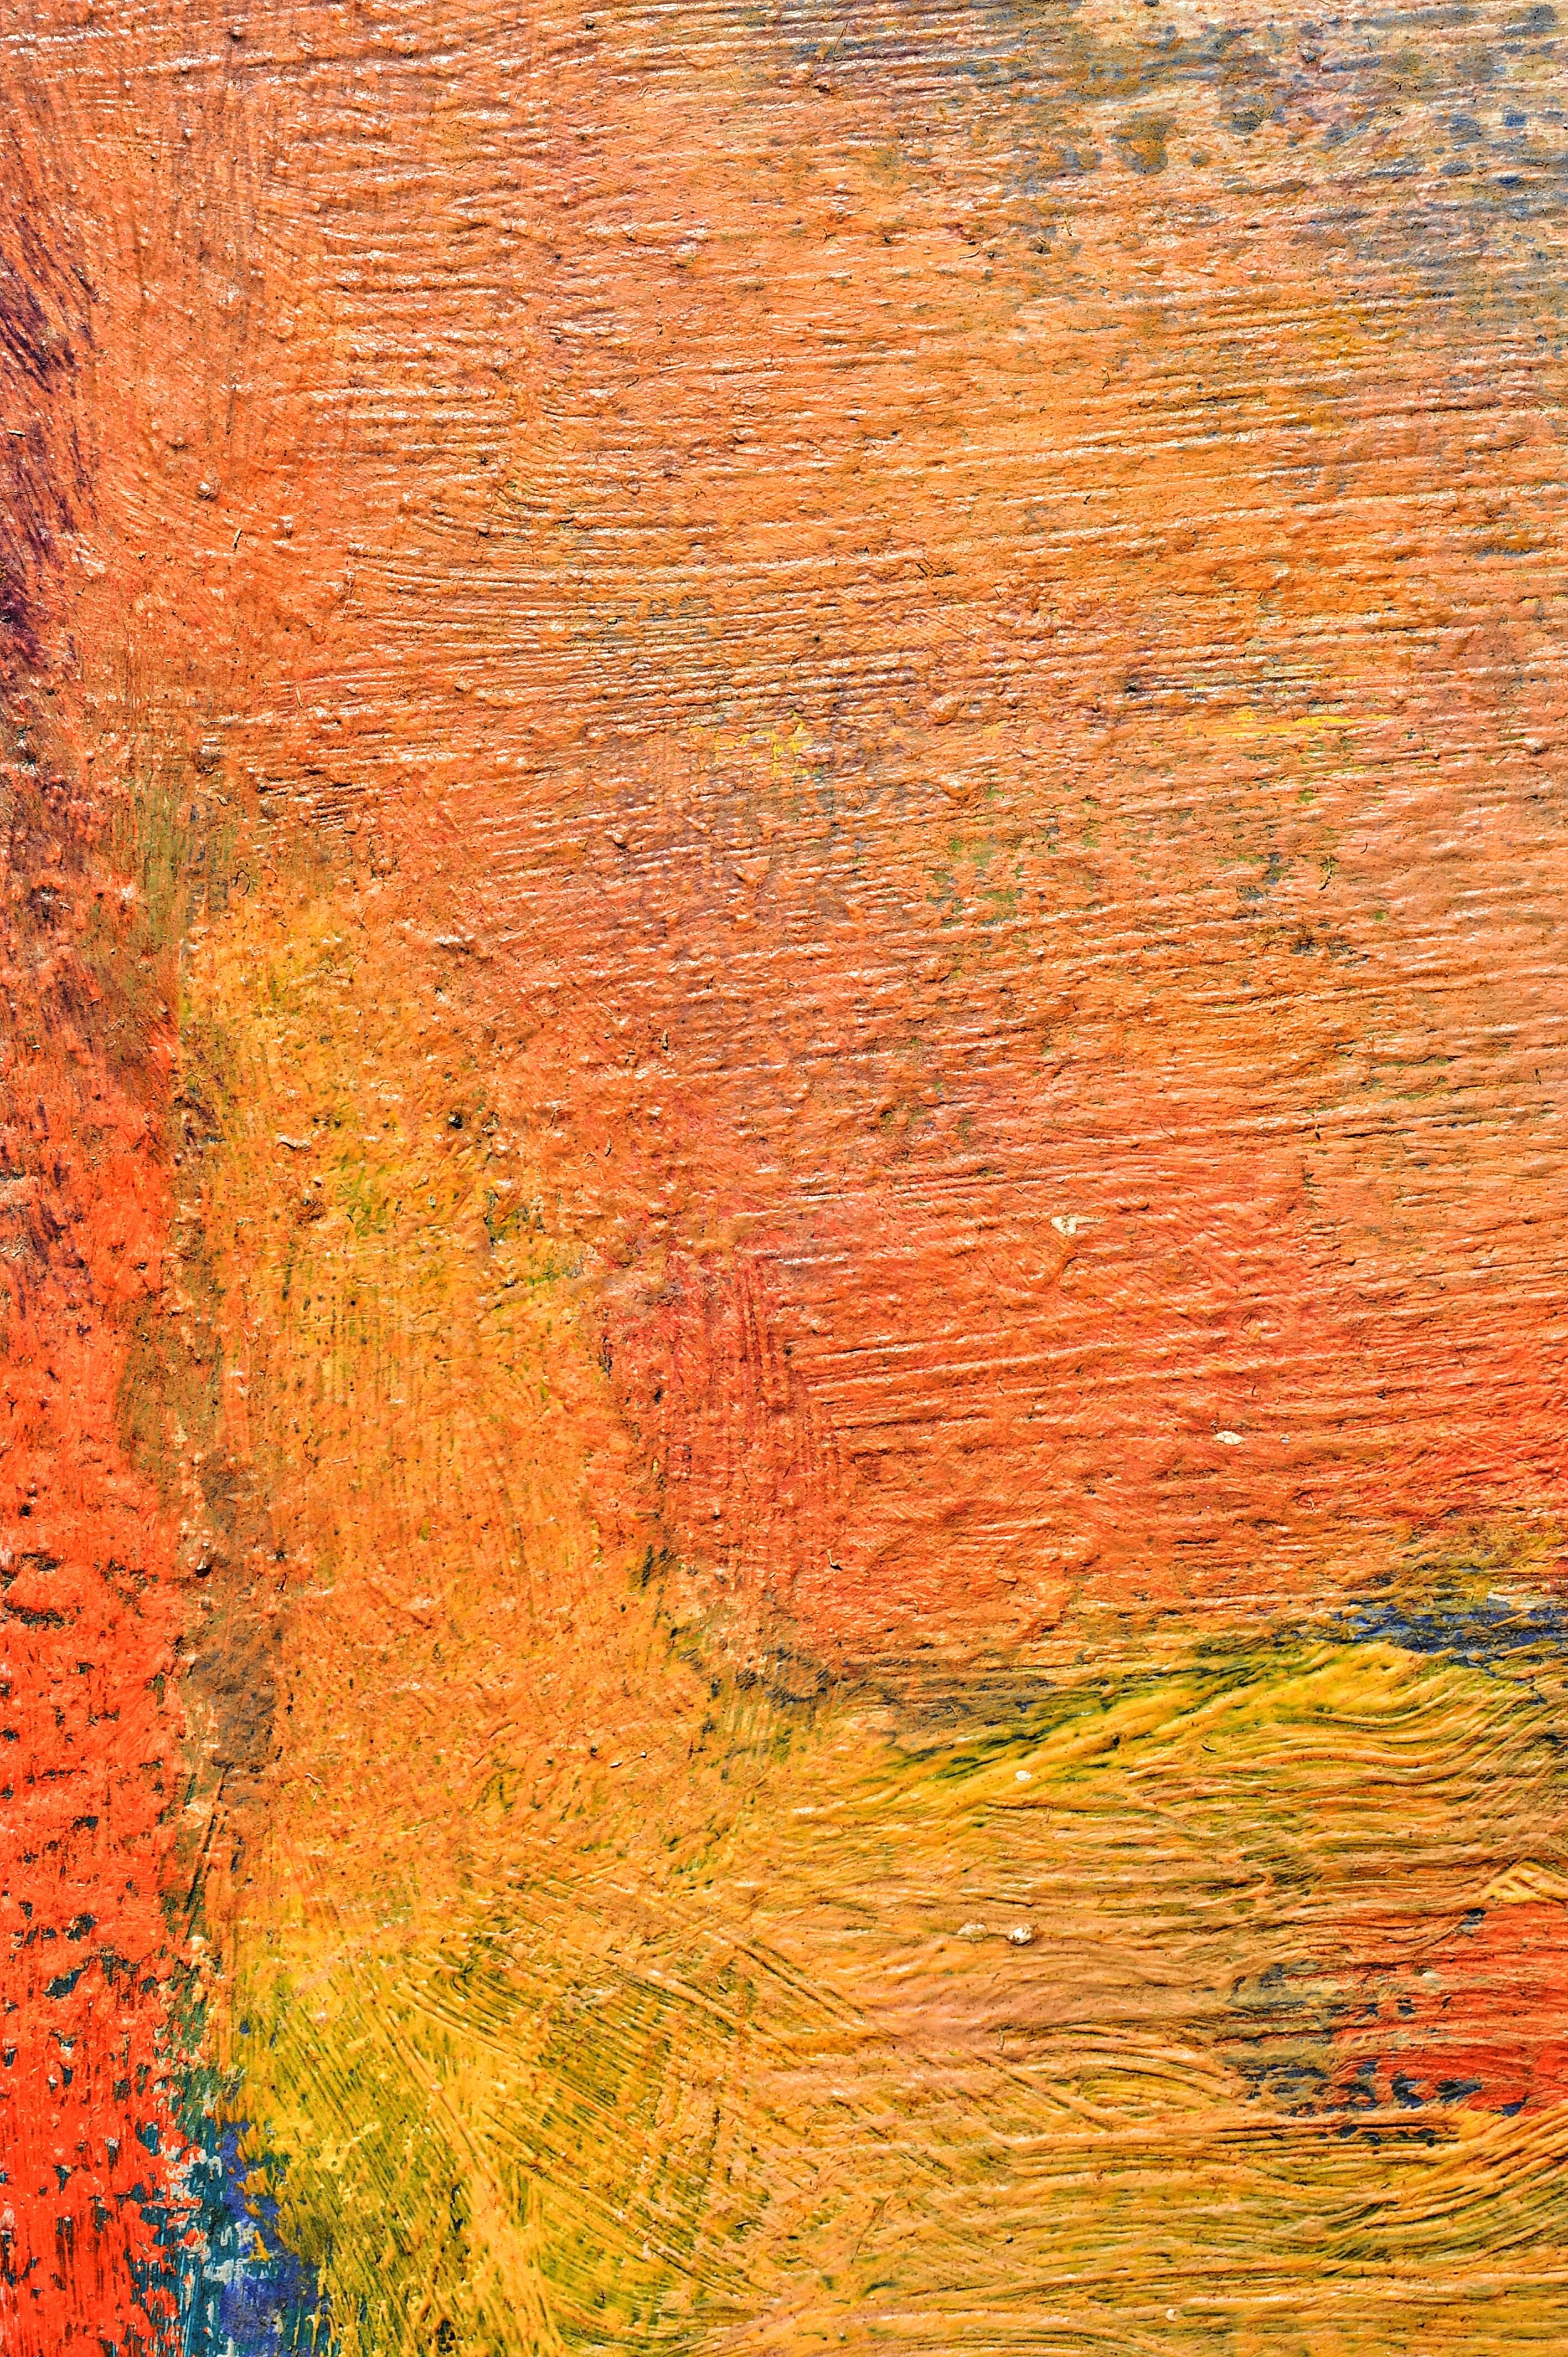 Images Gratuites Arbre Prairie Texture Feuille Mur Couleur